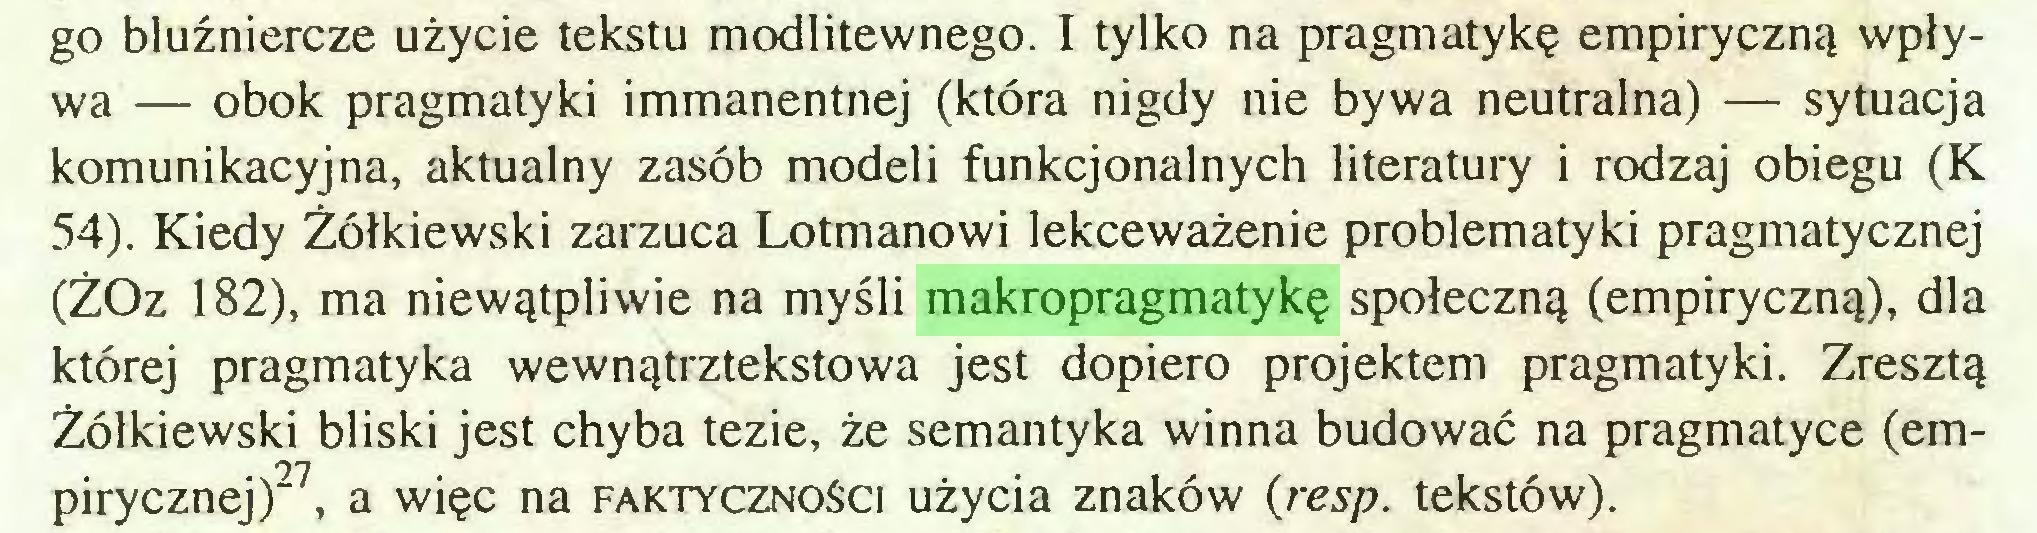 (...) go bluźniercze użycie tekstu modlitewnego. I tylko na pragmatykę empiryczną wpływa — obok pragmatyki immanentnej (która nigdy nie bywa neutralna) — sytuacja komunikacyjna, aktualny zasób modeli funkcjonalnych literatury i rodzaj obiegu (K 54). Kiedy Żółkiewski zarzuca Lotmanowi lekceważenie problematyki pragmatycznej (ŻOz 182), ma niewątpliwie na myśli makropragmatykę społeczną (empiryczną), dla której pragmatyka wewnątrztekstowa jest dopiero projektem pragmatyki. Zresztą Żółkiewski bliski jest chyba tezie, że semantyka winna budować na pragmatyce (empirycznej)27, a więc na faktyczności użycia znaków (resp. tekstów)...